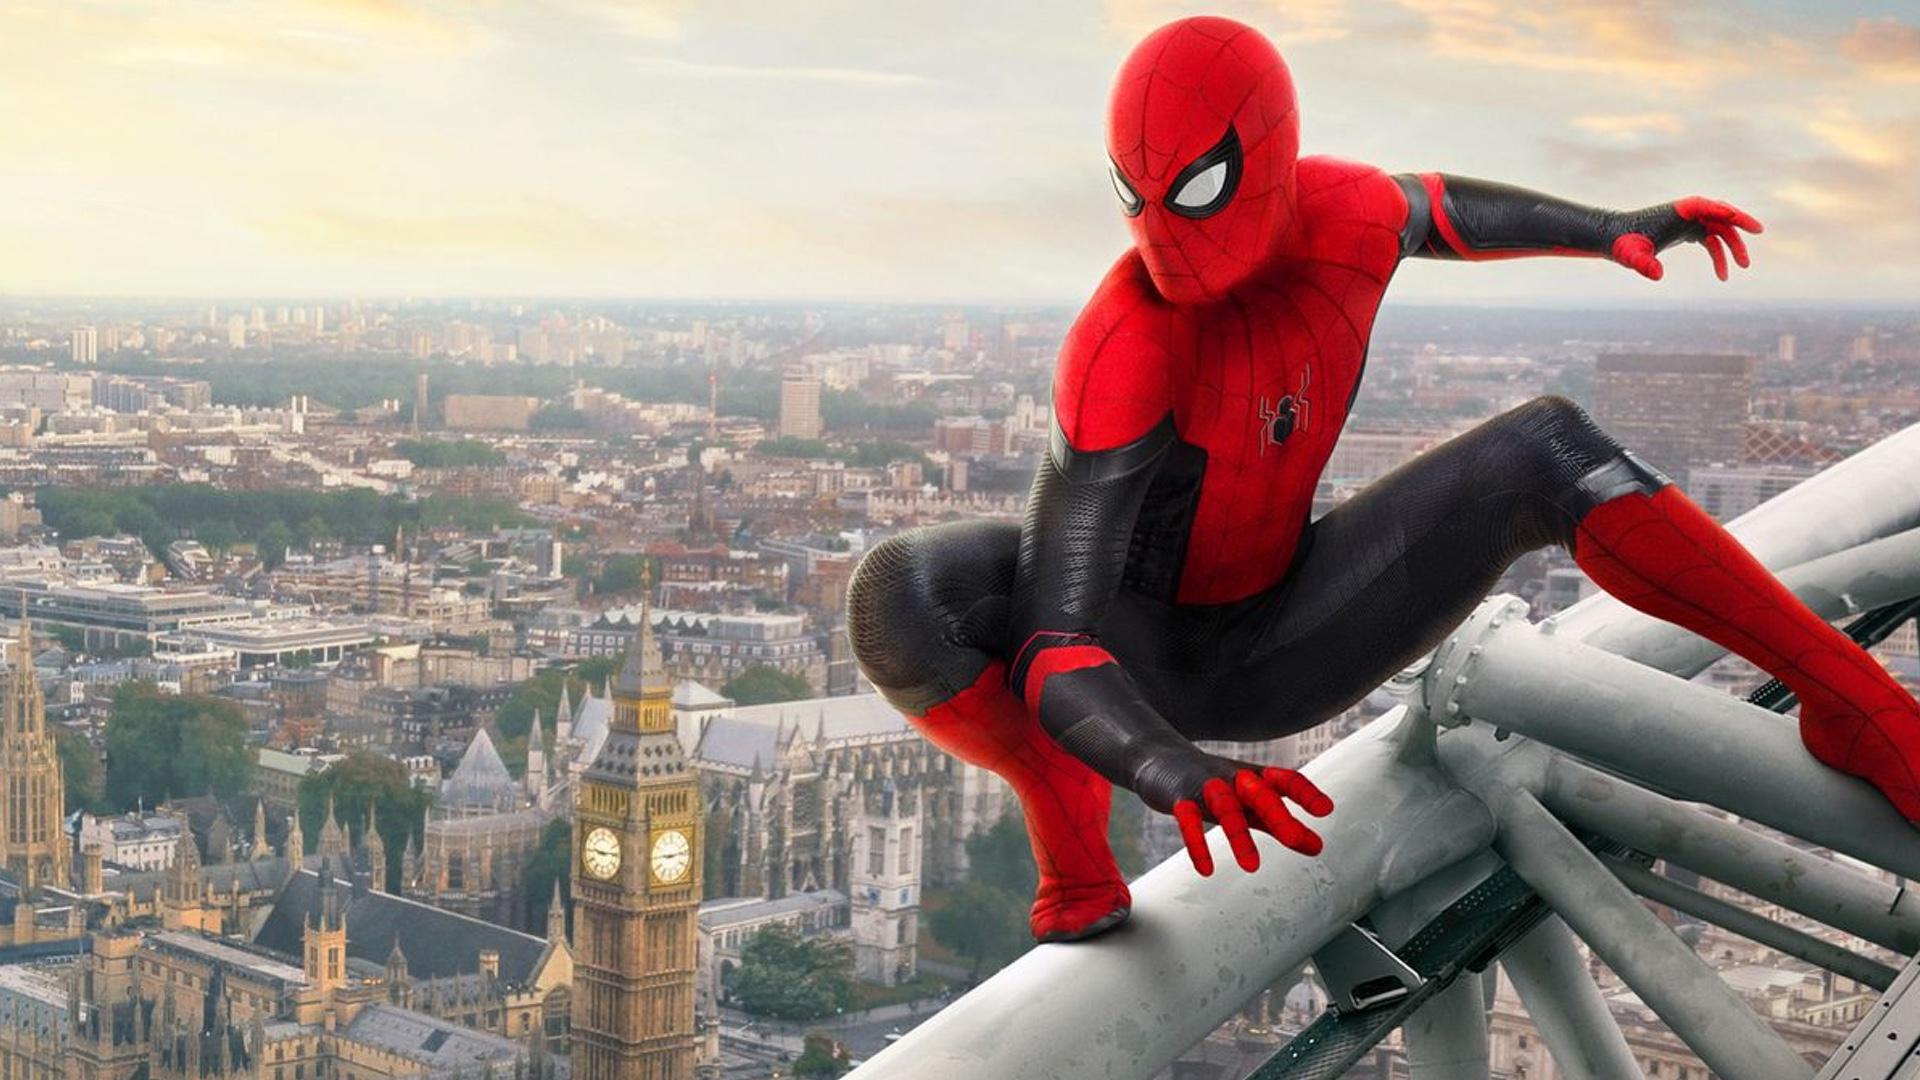 Spider-Man แยกทาง Marvel เรื่องเงินทองที่ต้องเข้าใจ และไม่ดราม่า